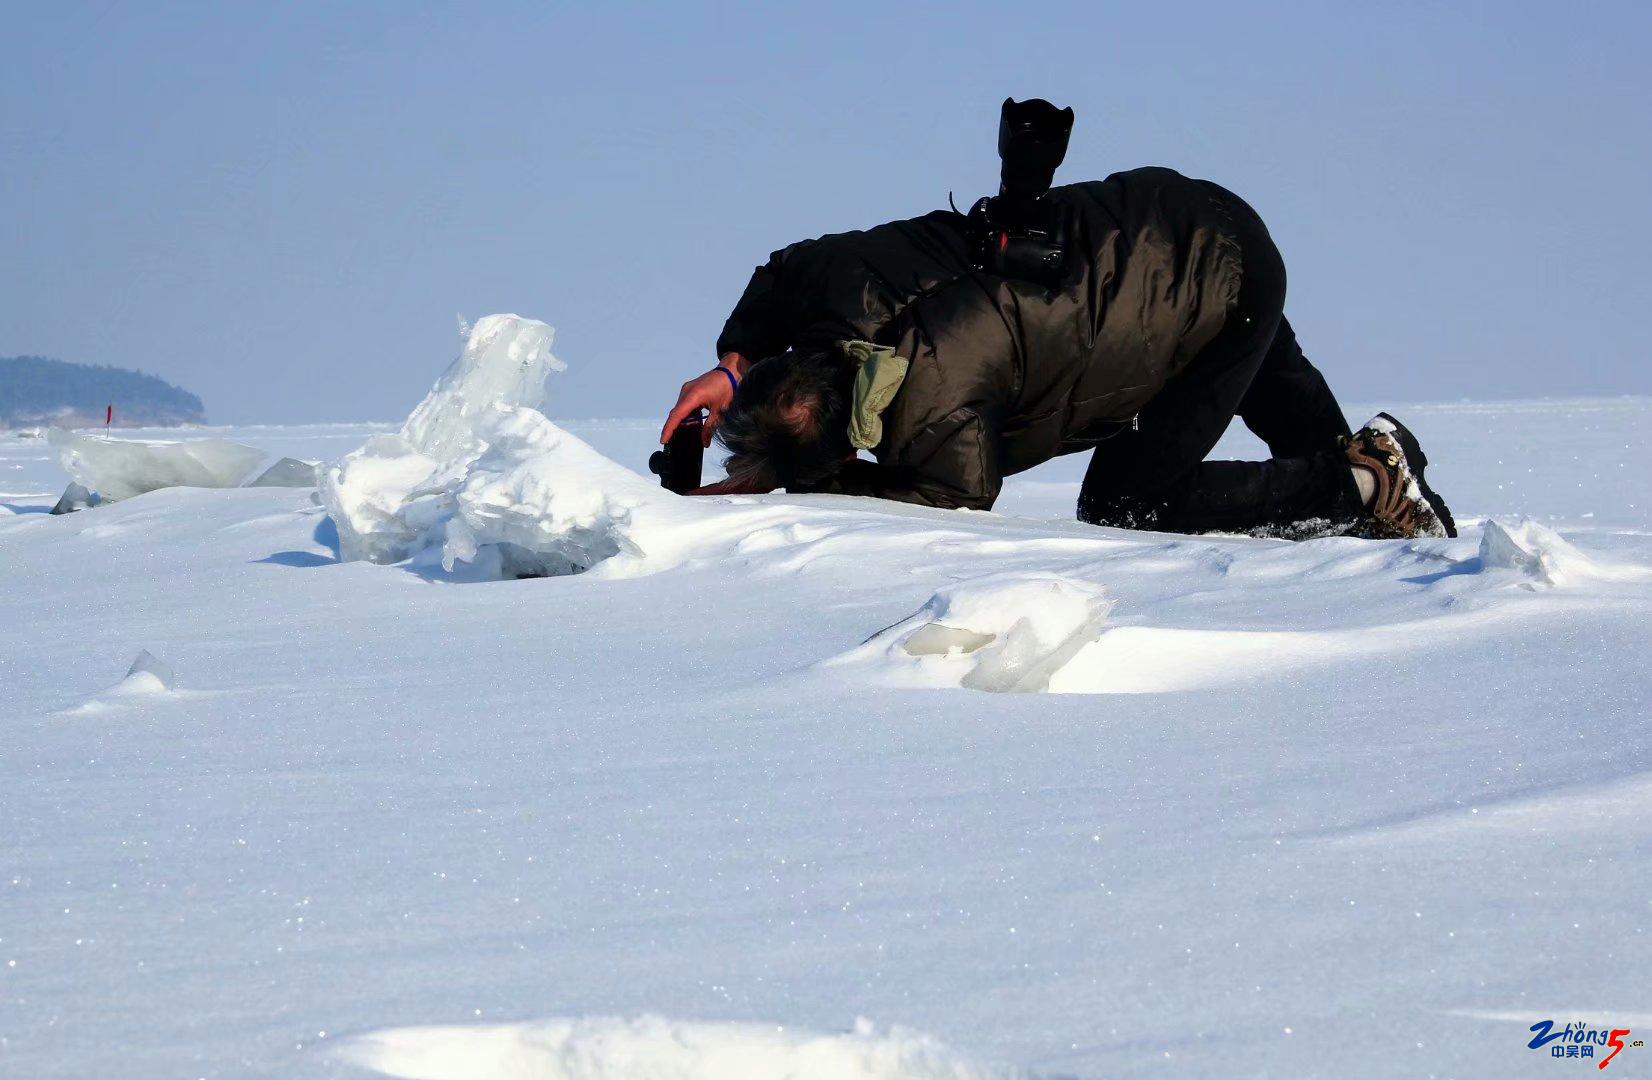 《拍雪》 李志洲.jpg